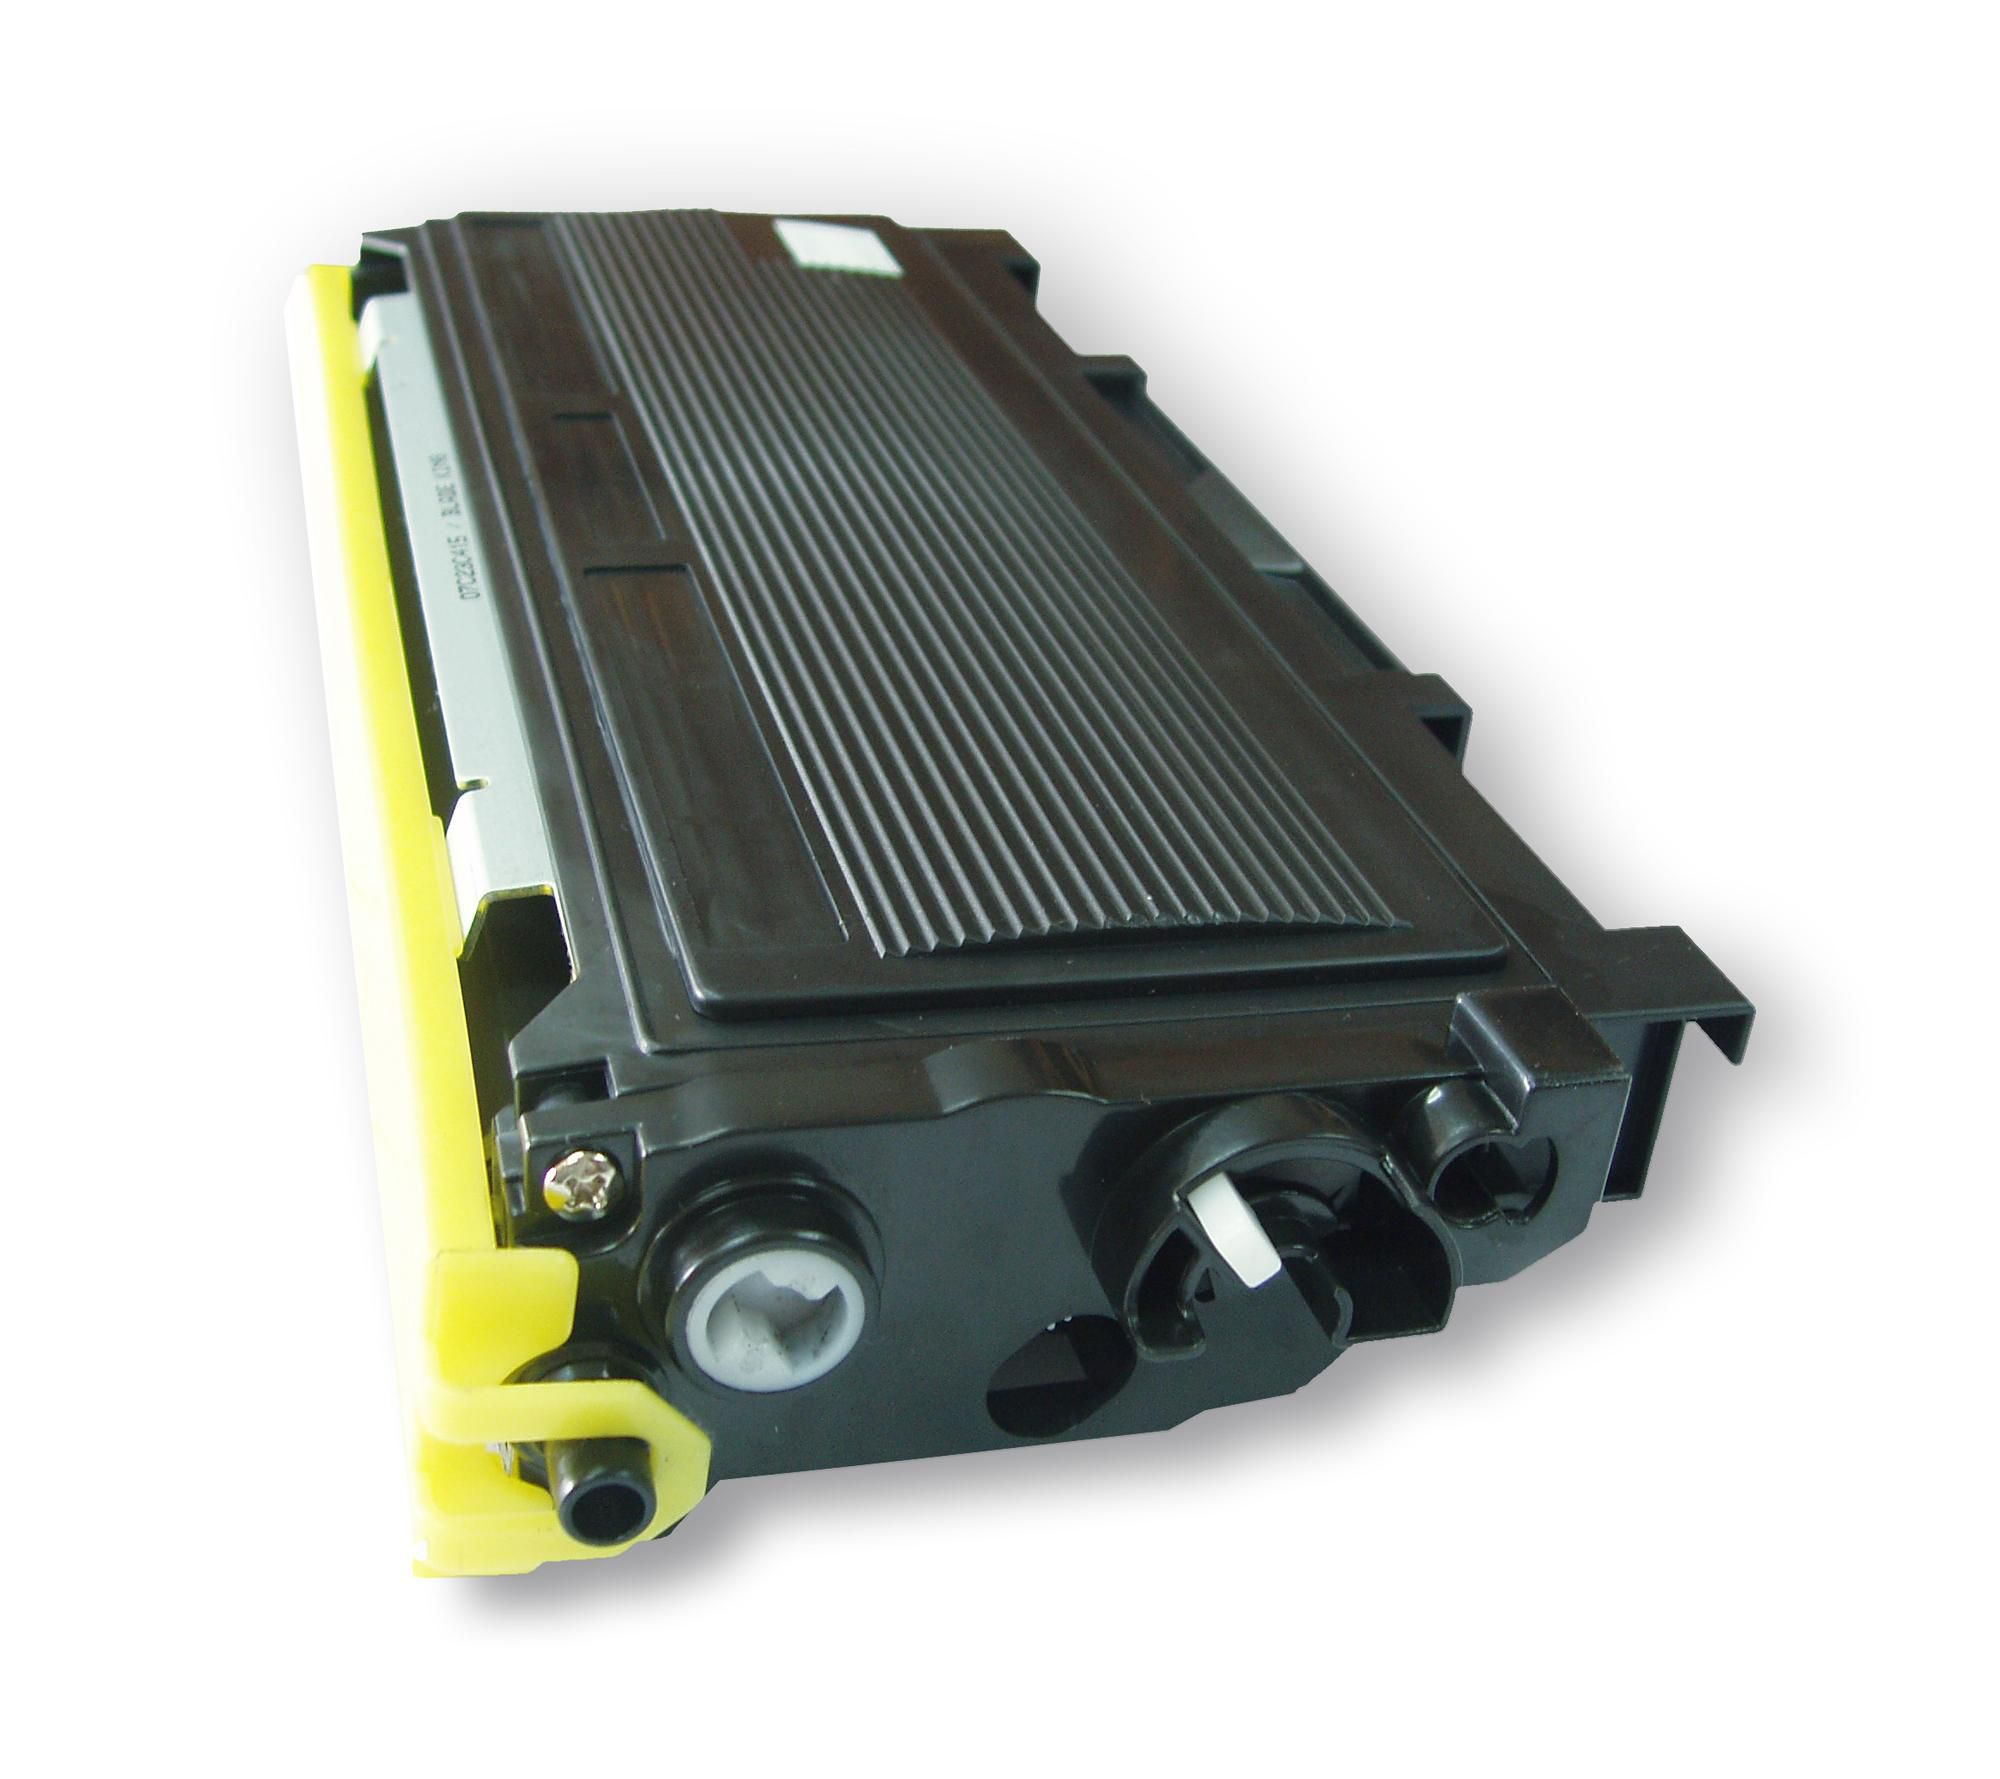 Toner Brother TN-350 COMPATIVEL DCP-7020, HL-2040, MFC-7220, Intellifax2920, MFC-7420, MFC7820N MFC-7820N MFC7820 MFC-7820, MFC-7225N MFC7225N MFC7225 MFC-7225, HL-2070N HL2070N HL2070 HL-2070, Intel